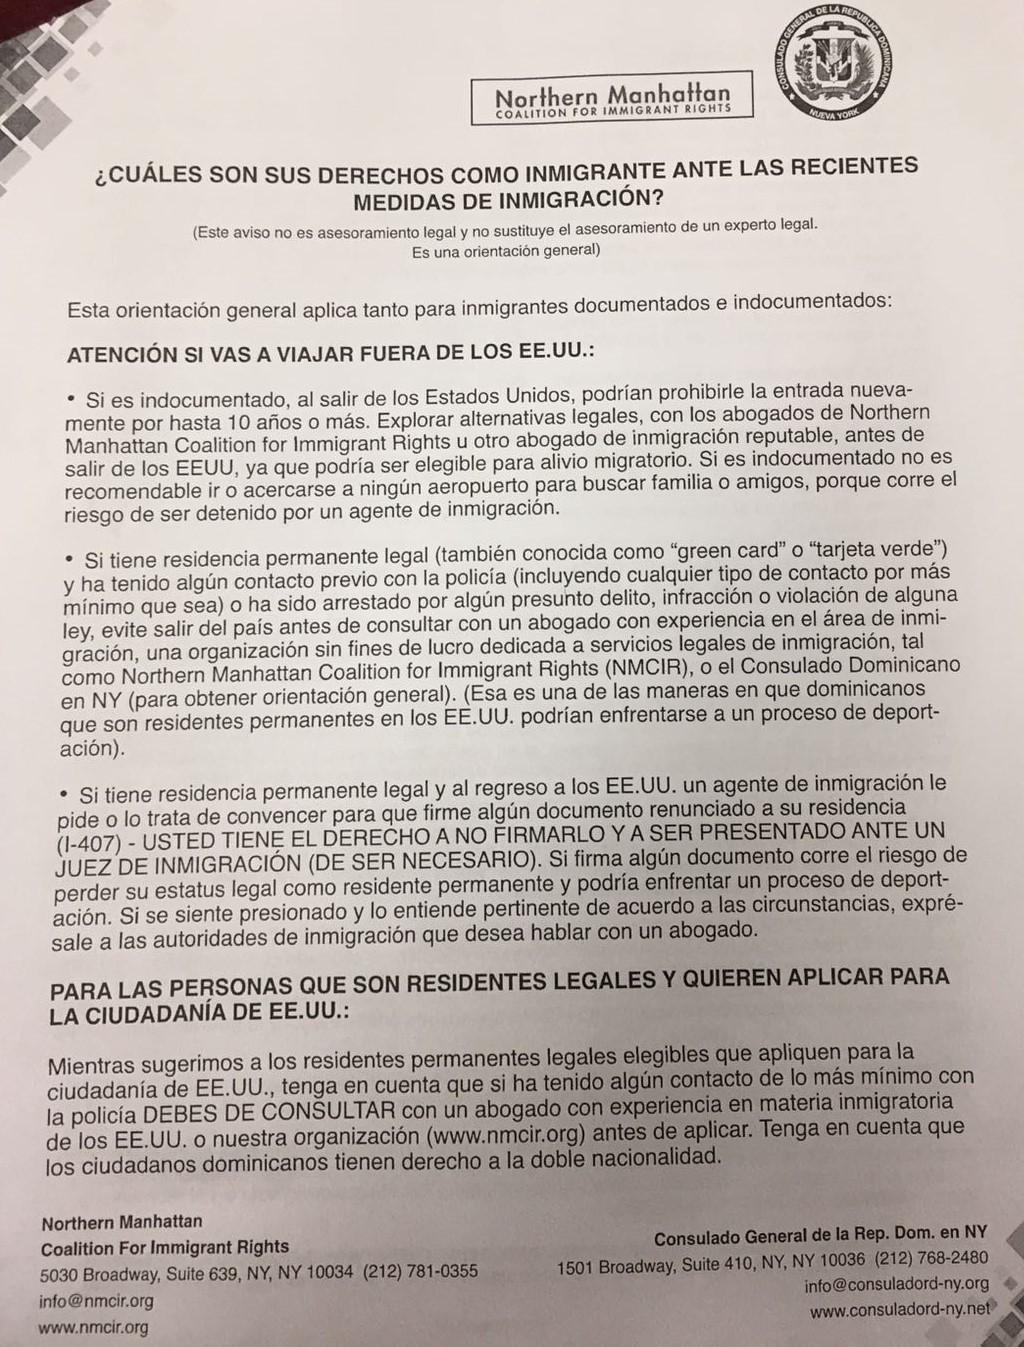 Reproducción del comunicado. (Cortesía: Consulado de República Dominicana en Nueva York).